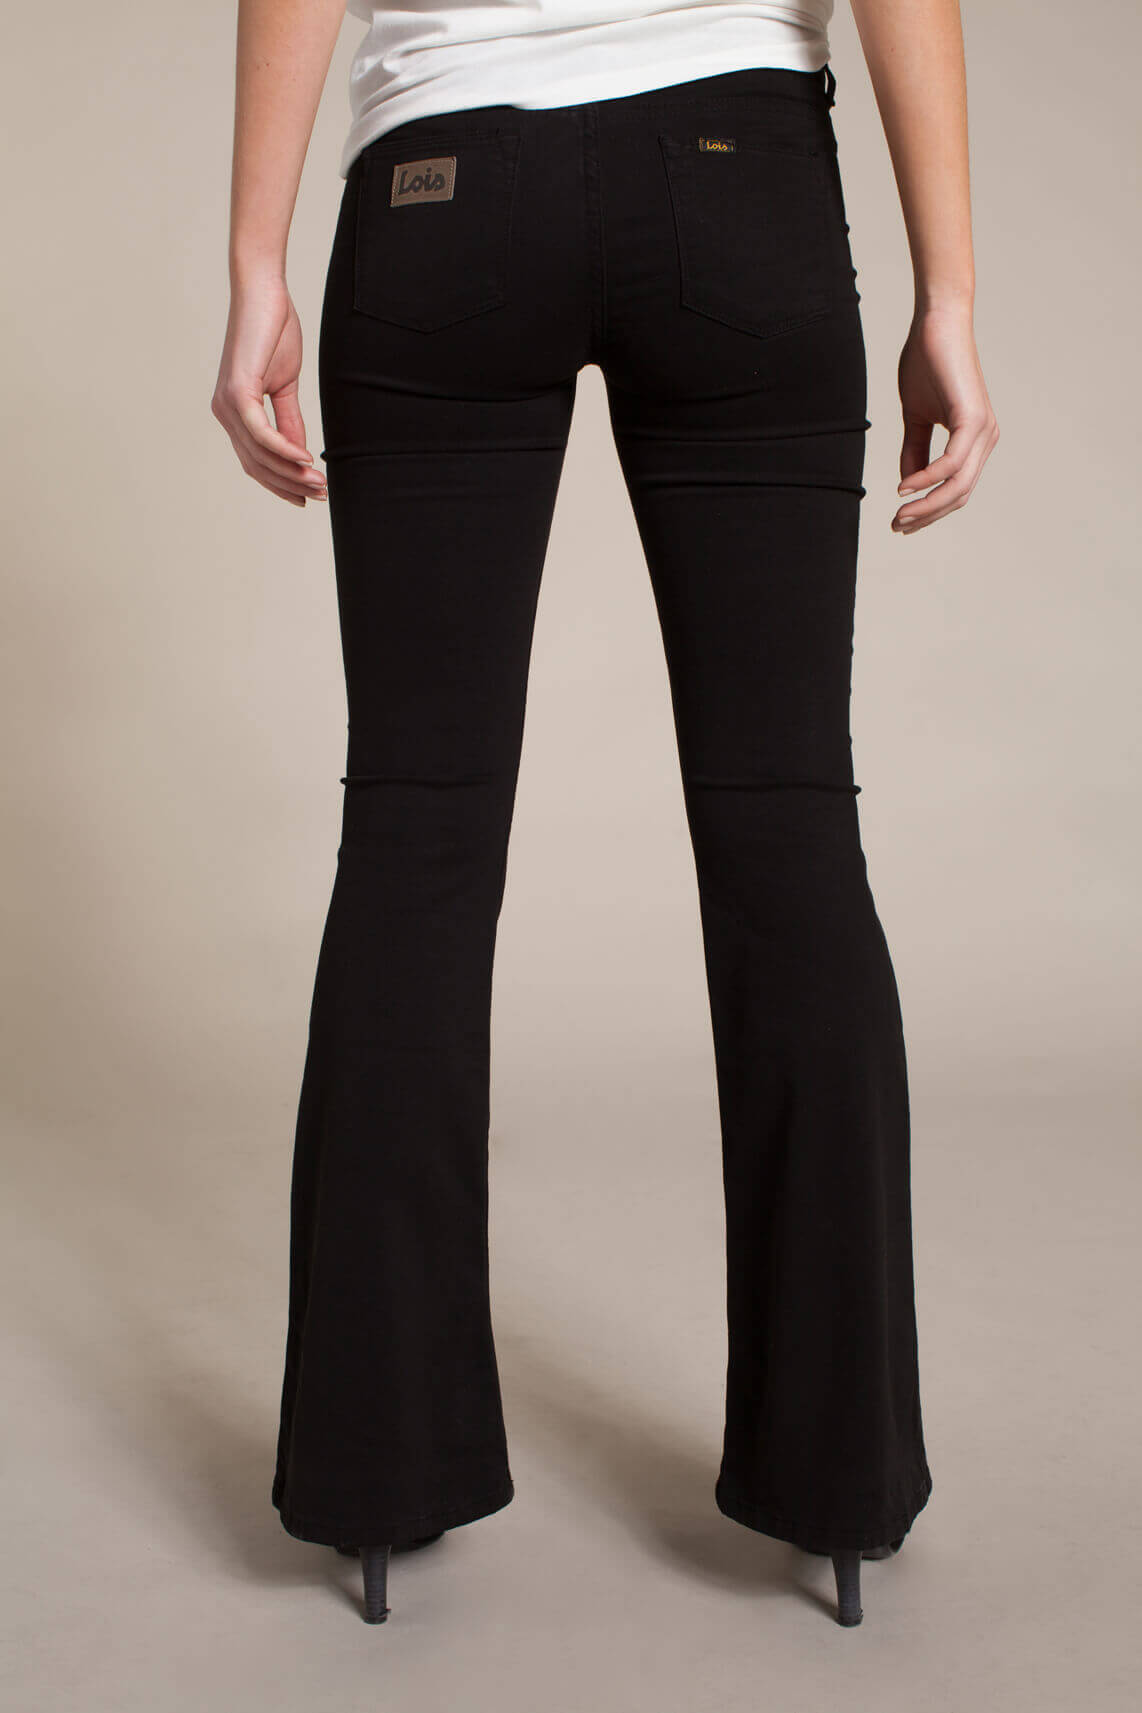 Lois Dames L32 Lea tencel flared broek Zwart